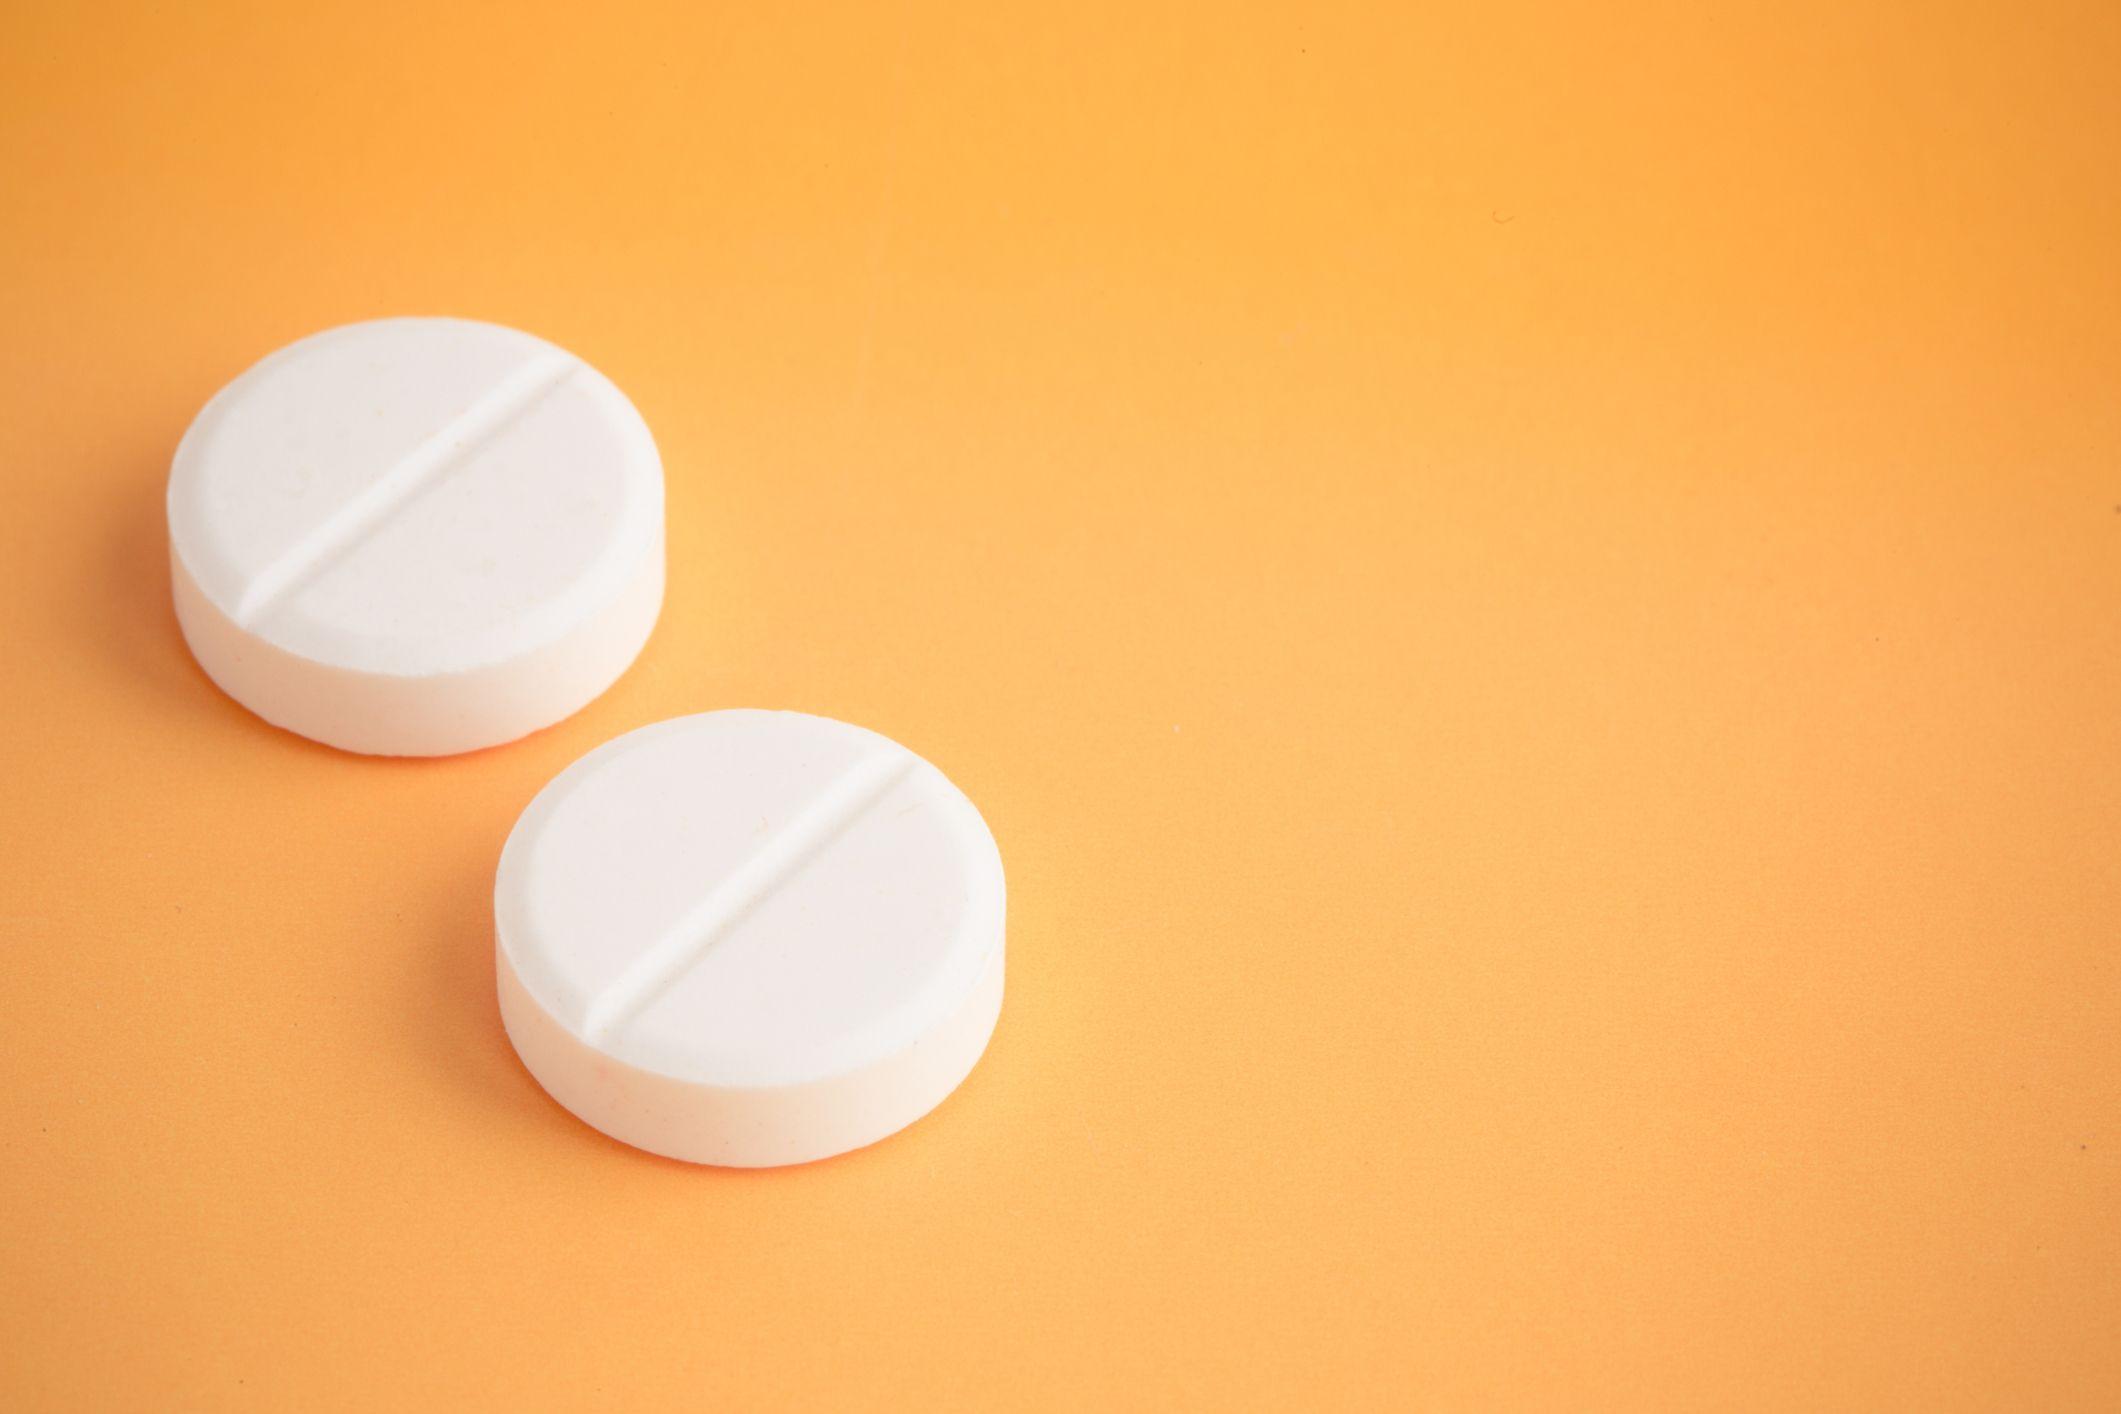 pill-drug-medicine-aspirin-stock